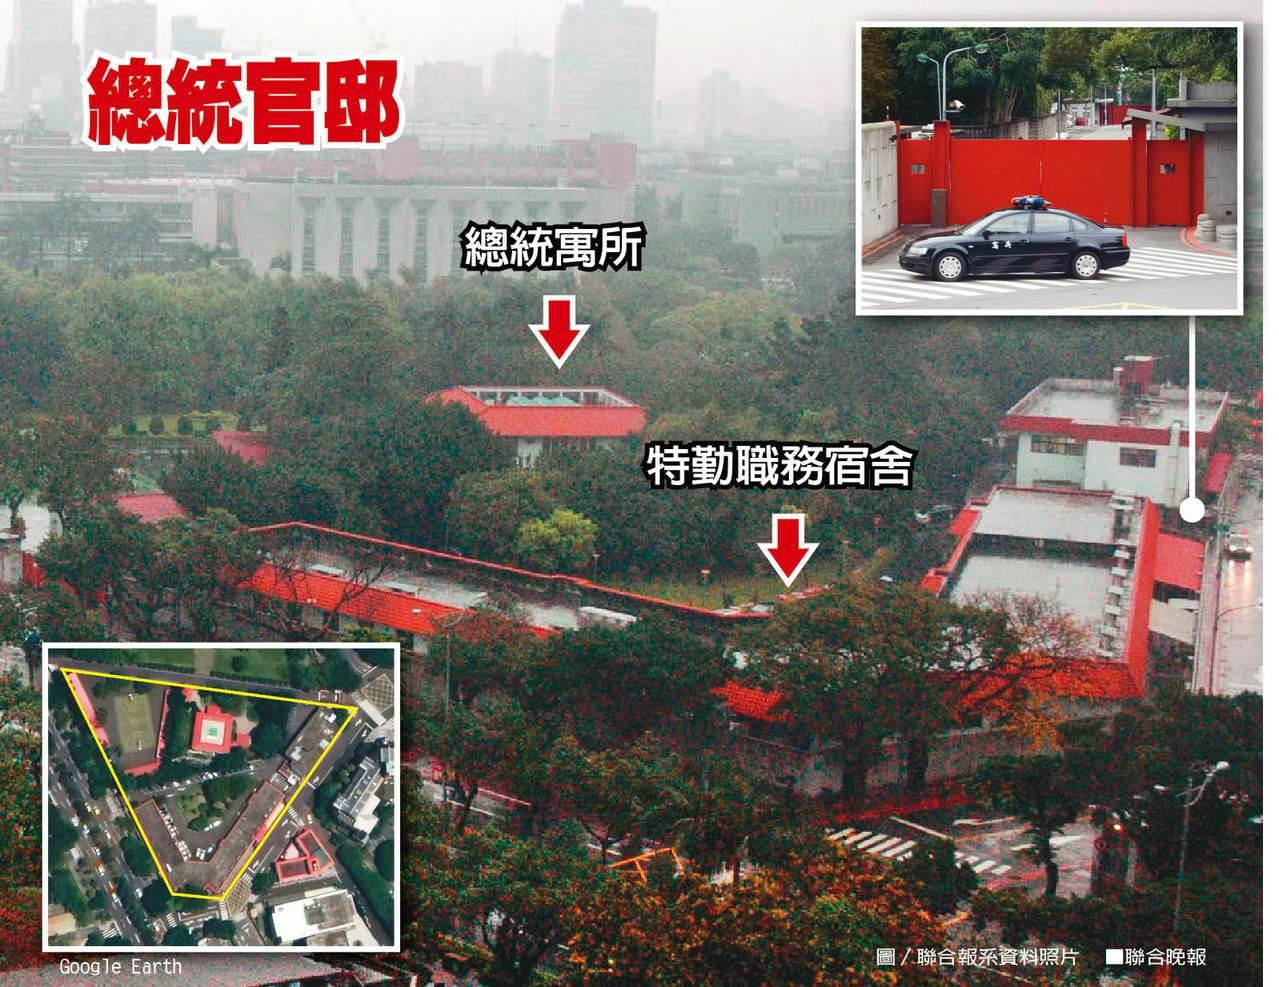 重慶南路上的總統官邸管制區內總統寓所與特勤人員職務宿舍(L型建築)僅隔著一條封閉...